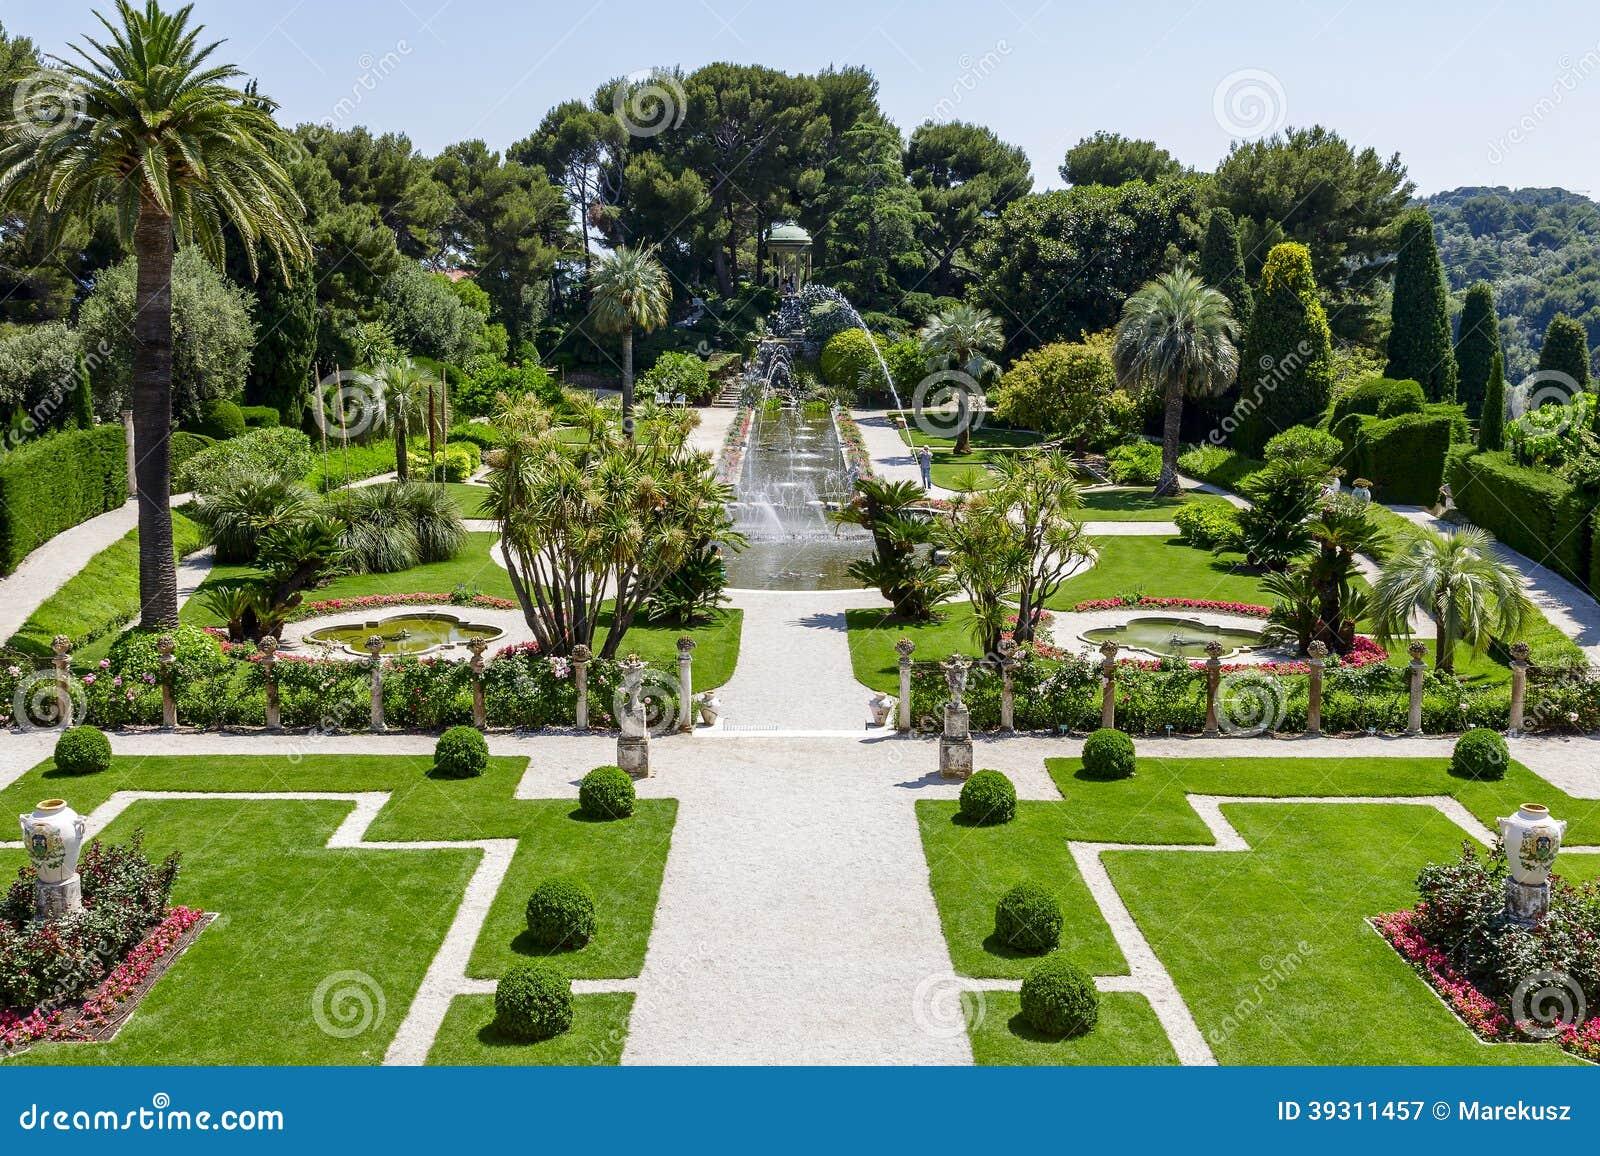 Gardens of villa ephrussi de rothschild editorial for Villas de jardin seychelles tripadvisor